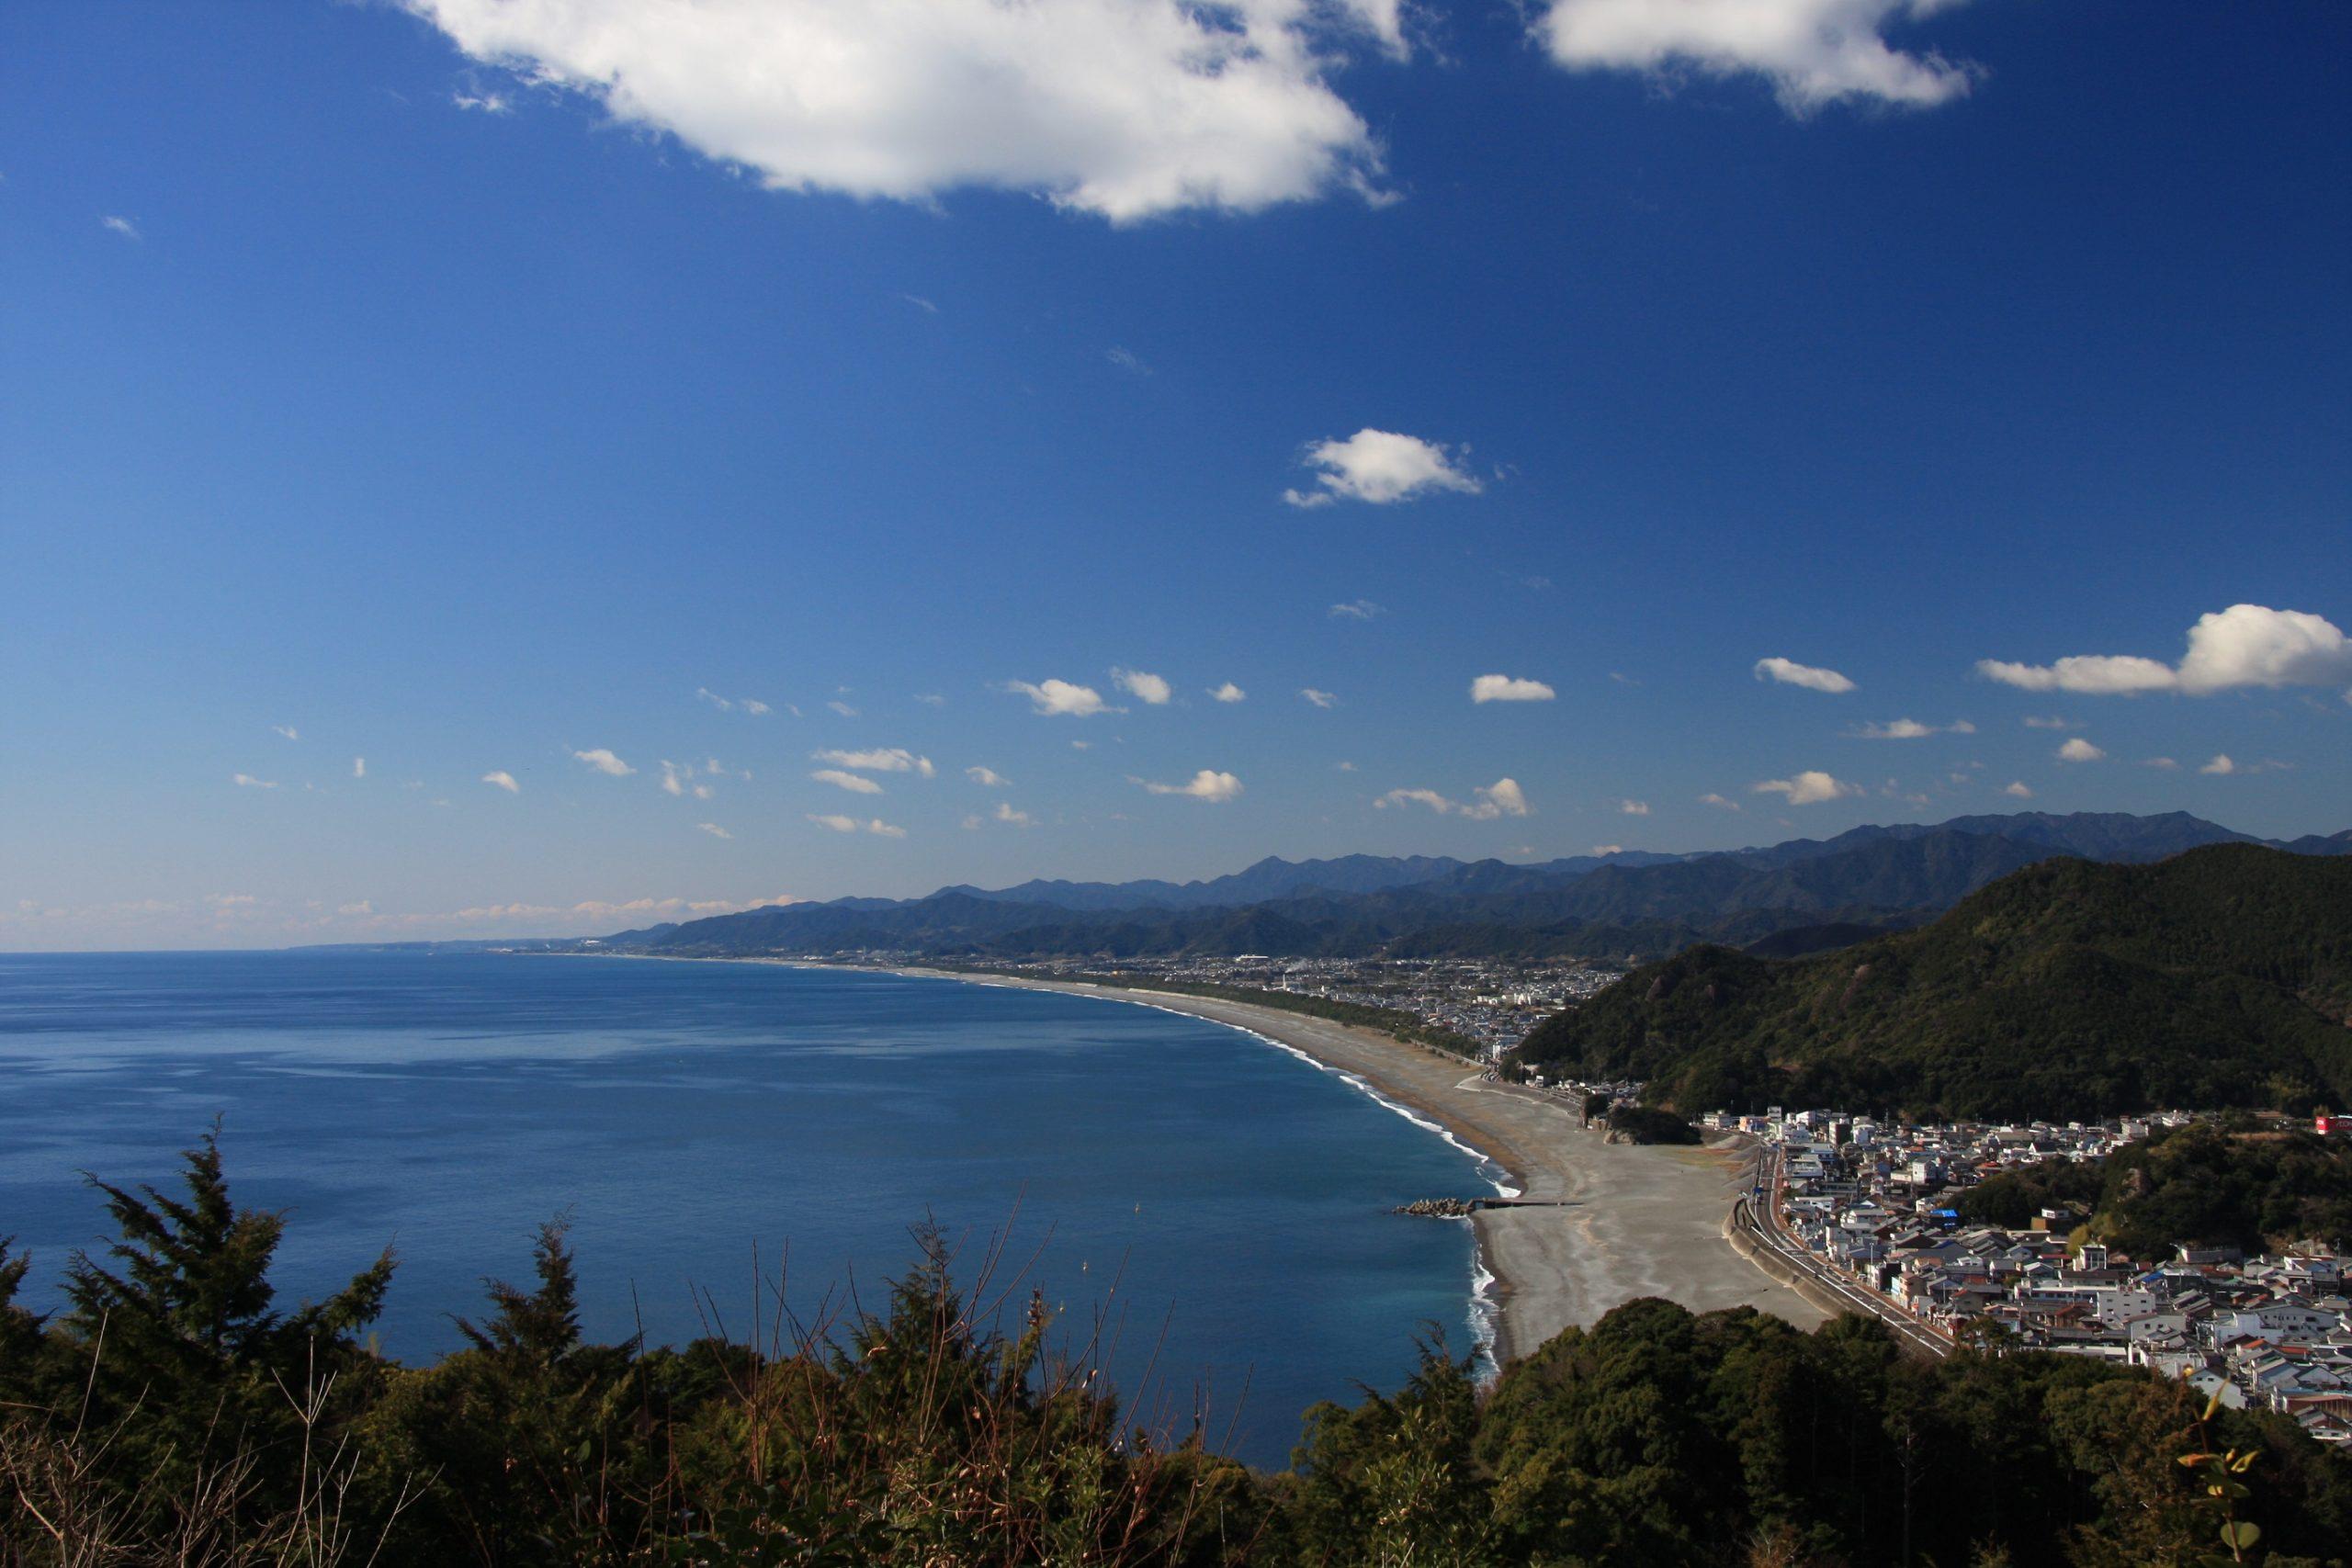 世界遺産 熊野古道松本峠から望む七里御浜海岸